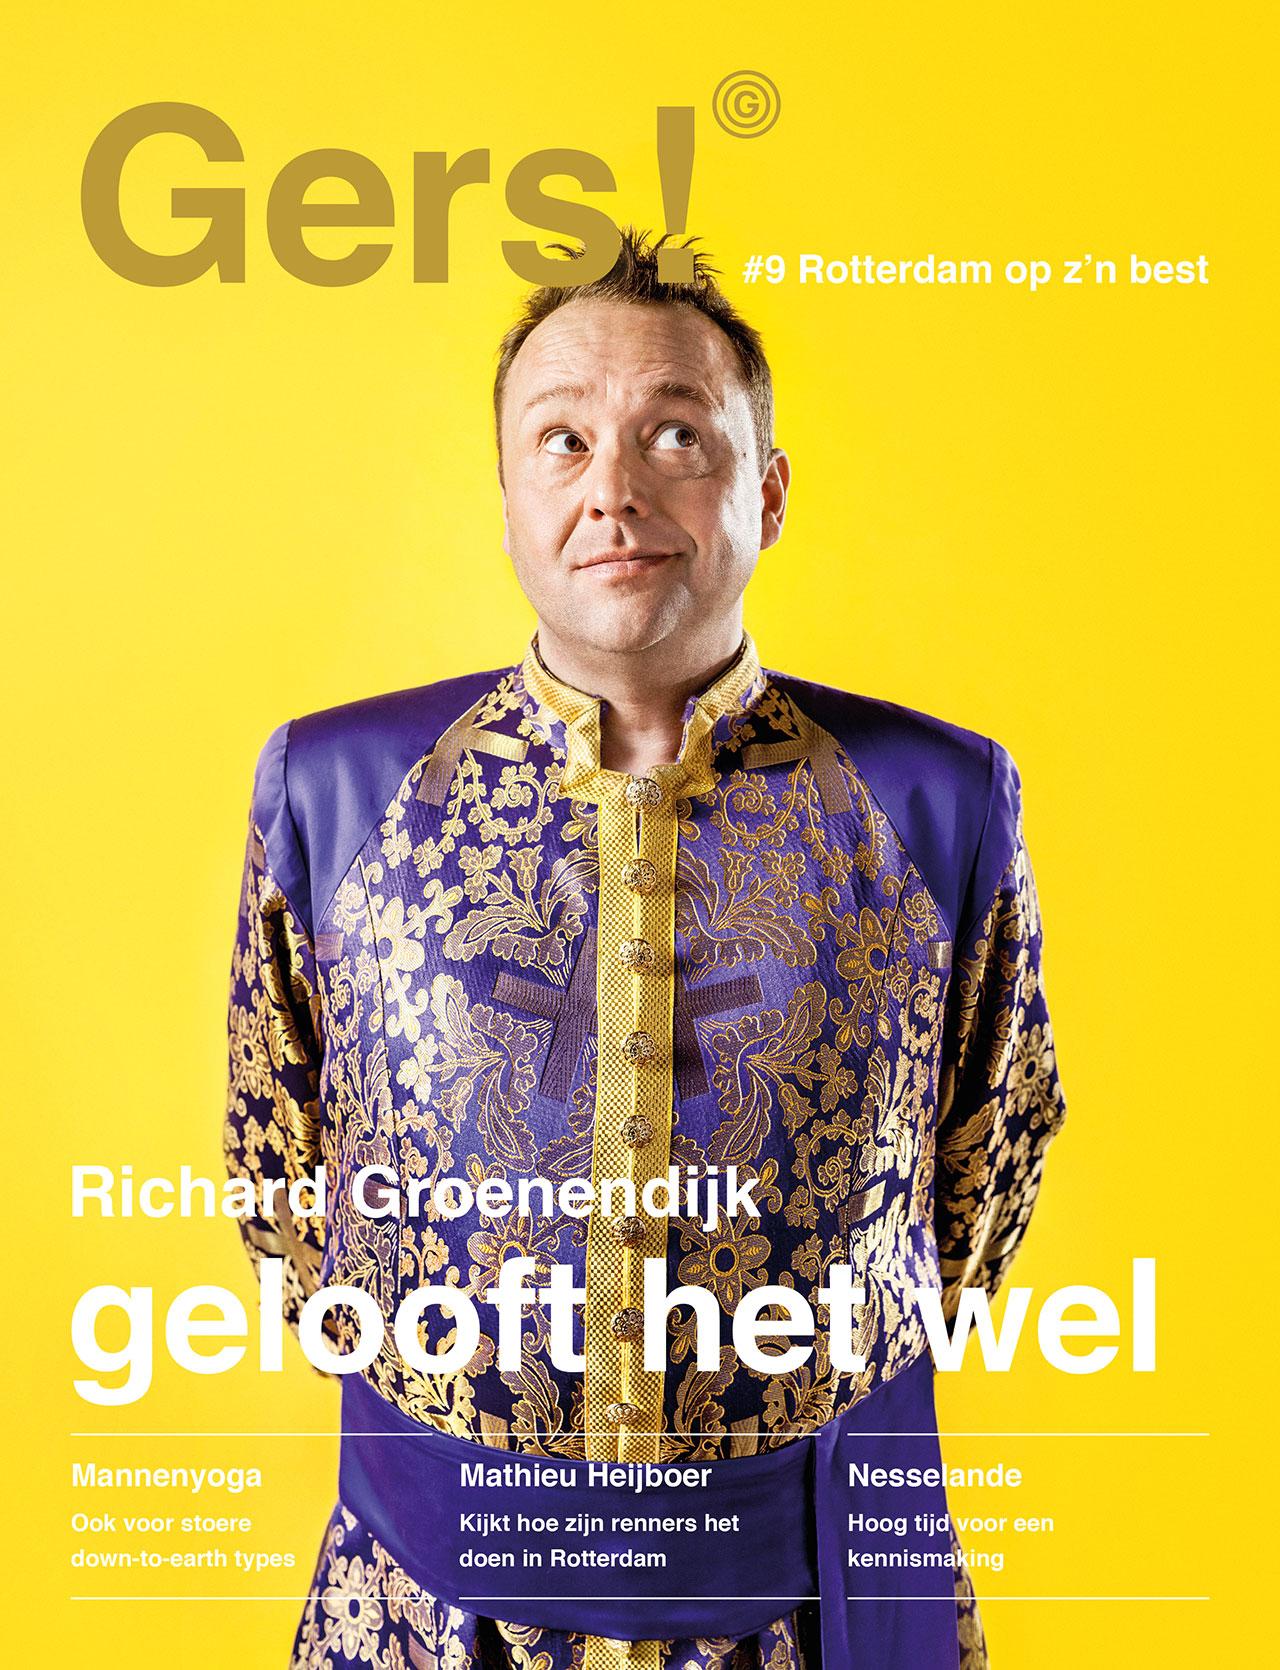 Gers! magazine #9: Coverstory Richard Groenendijk